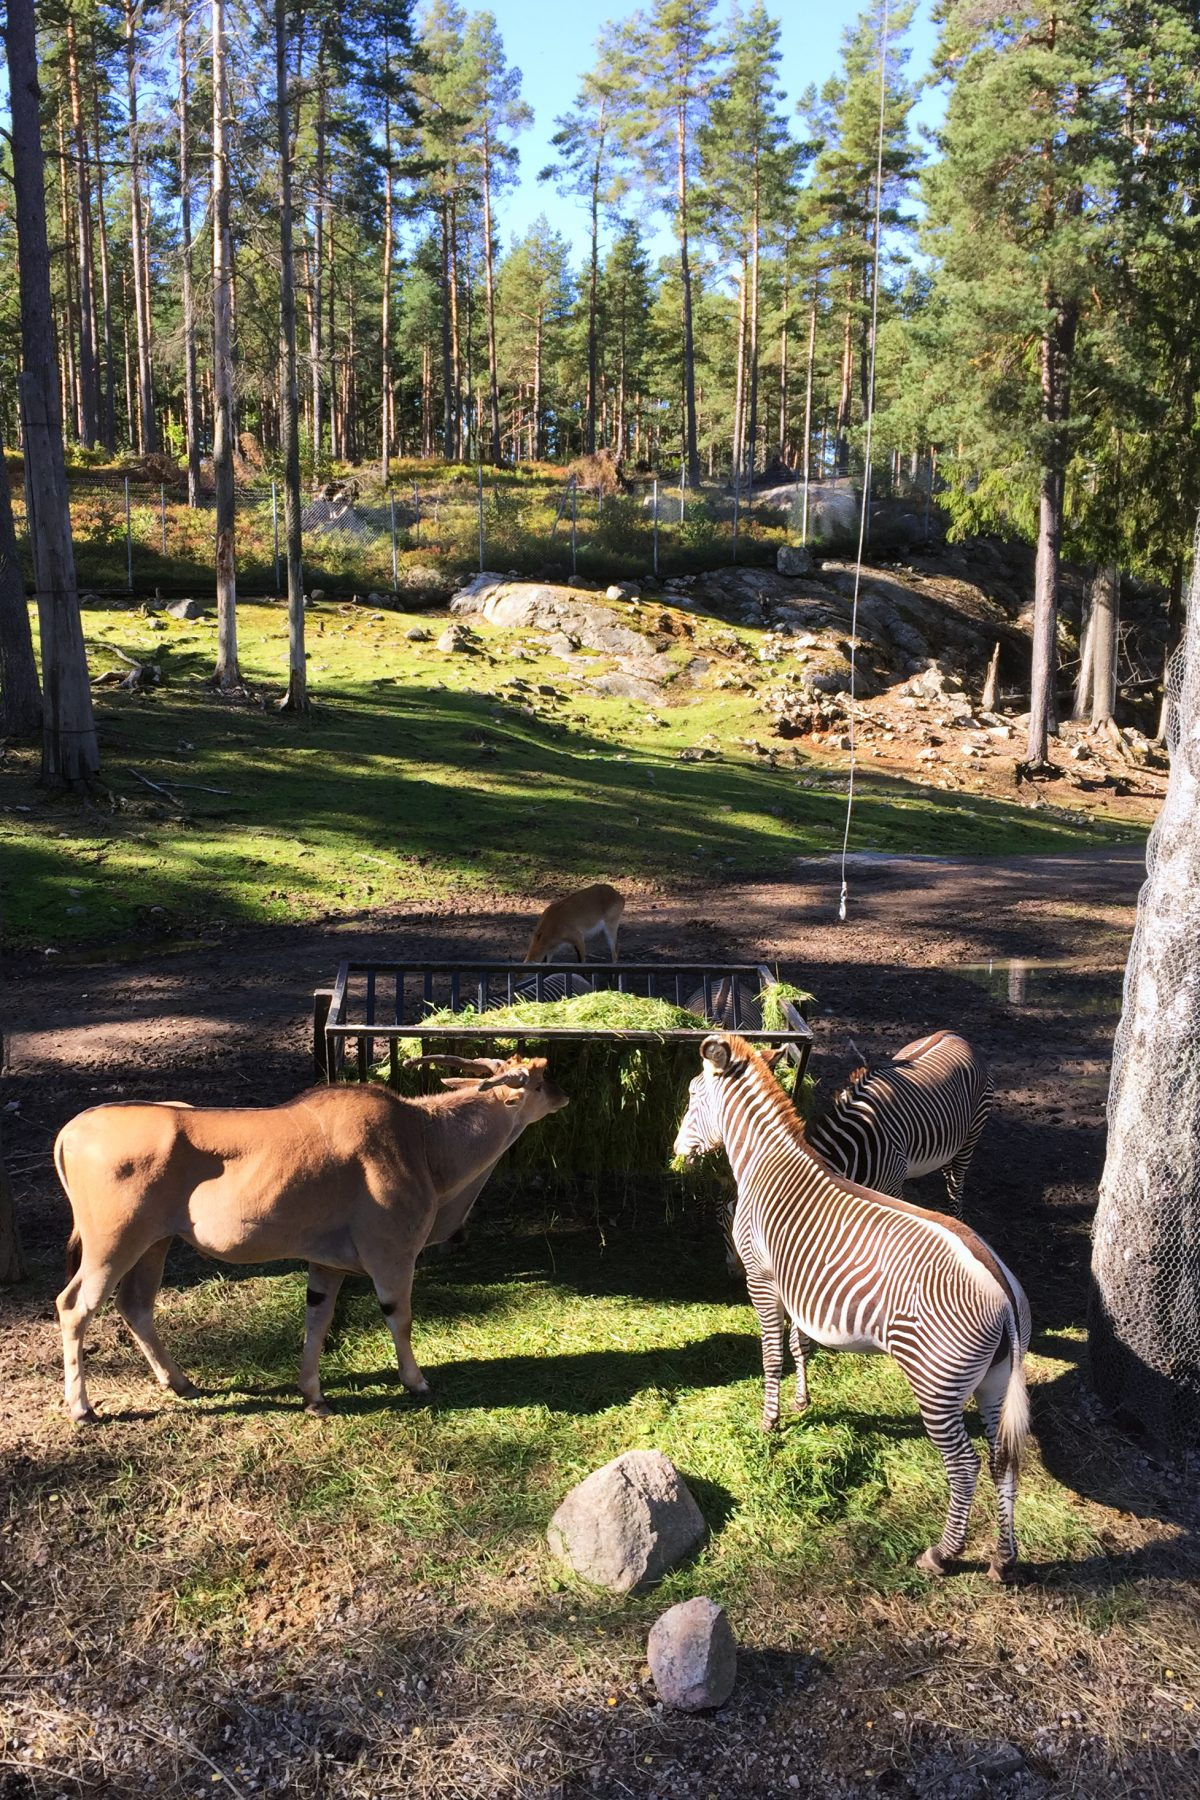 Animales en el zoo de Kolmården, Suecia <br> Foto: Israel Úbeda / sweetsweden.com